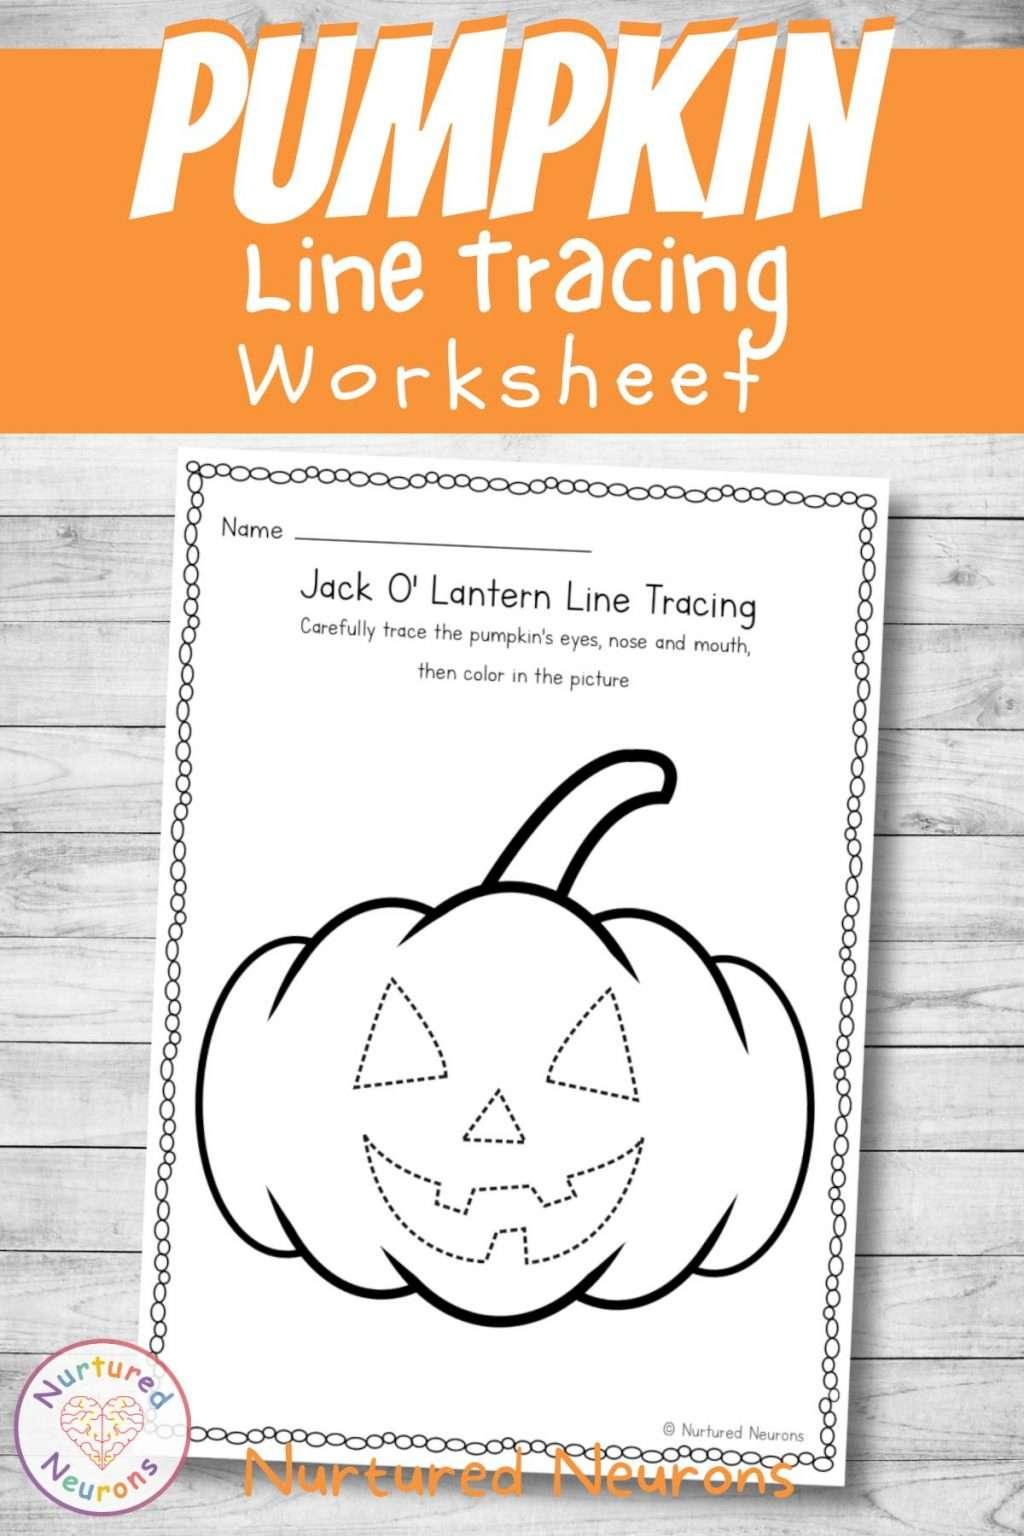 pumpkin line tracing worksheet - prewriting practice